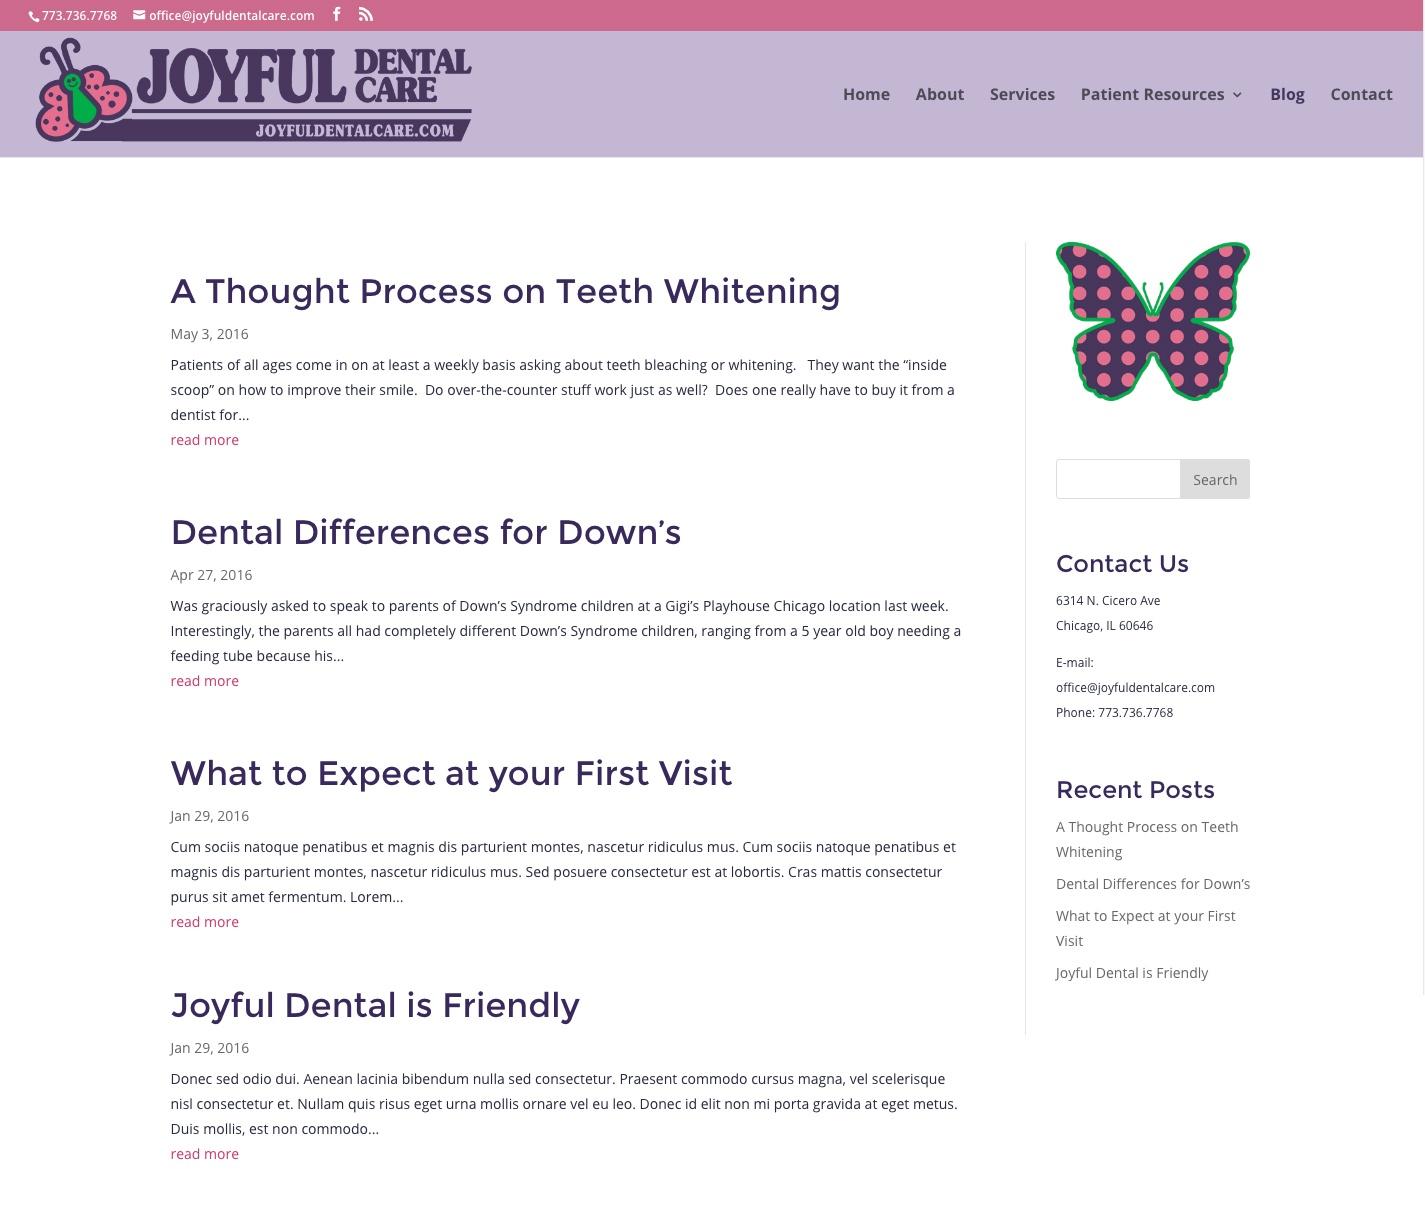 Updated Joyful Dental blog homepage